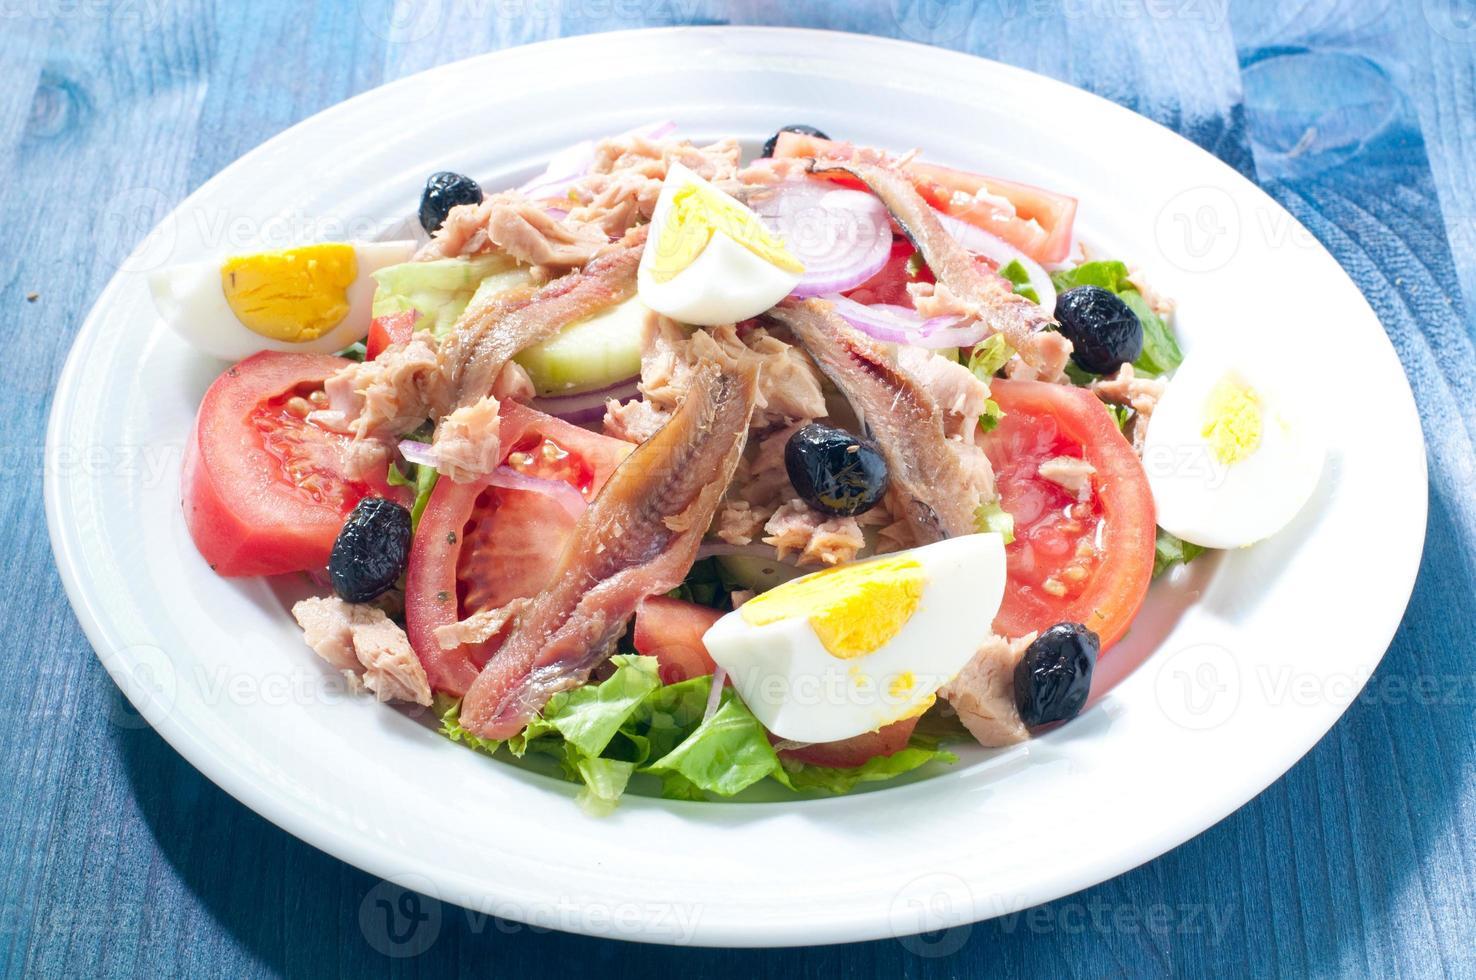 salada nicoise com ovo, anchovas, cebola, alface e atum foto